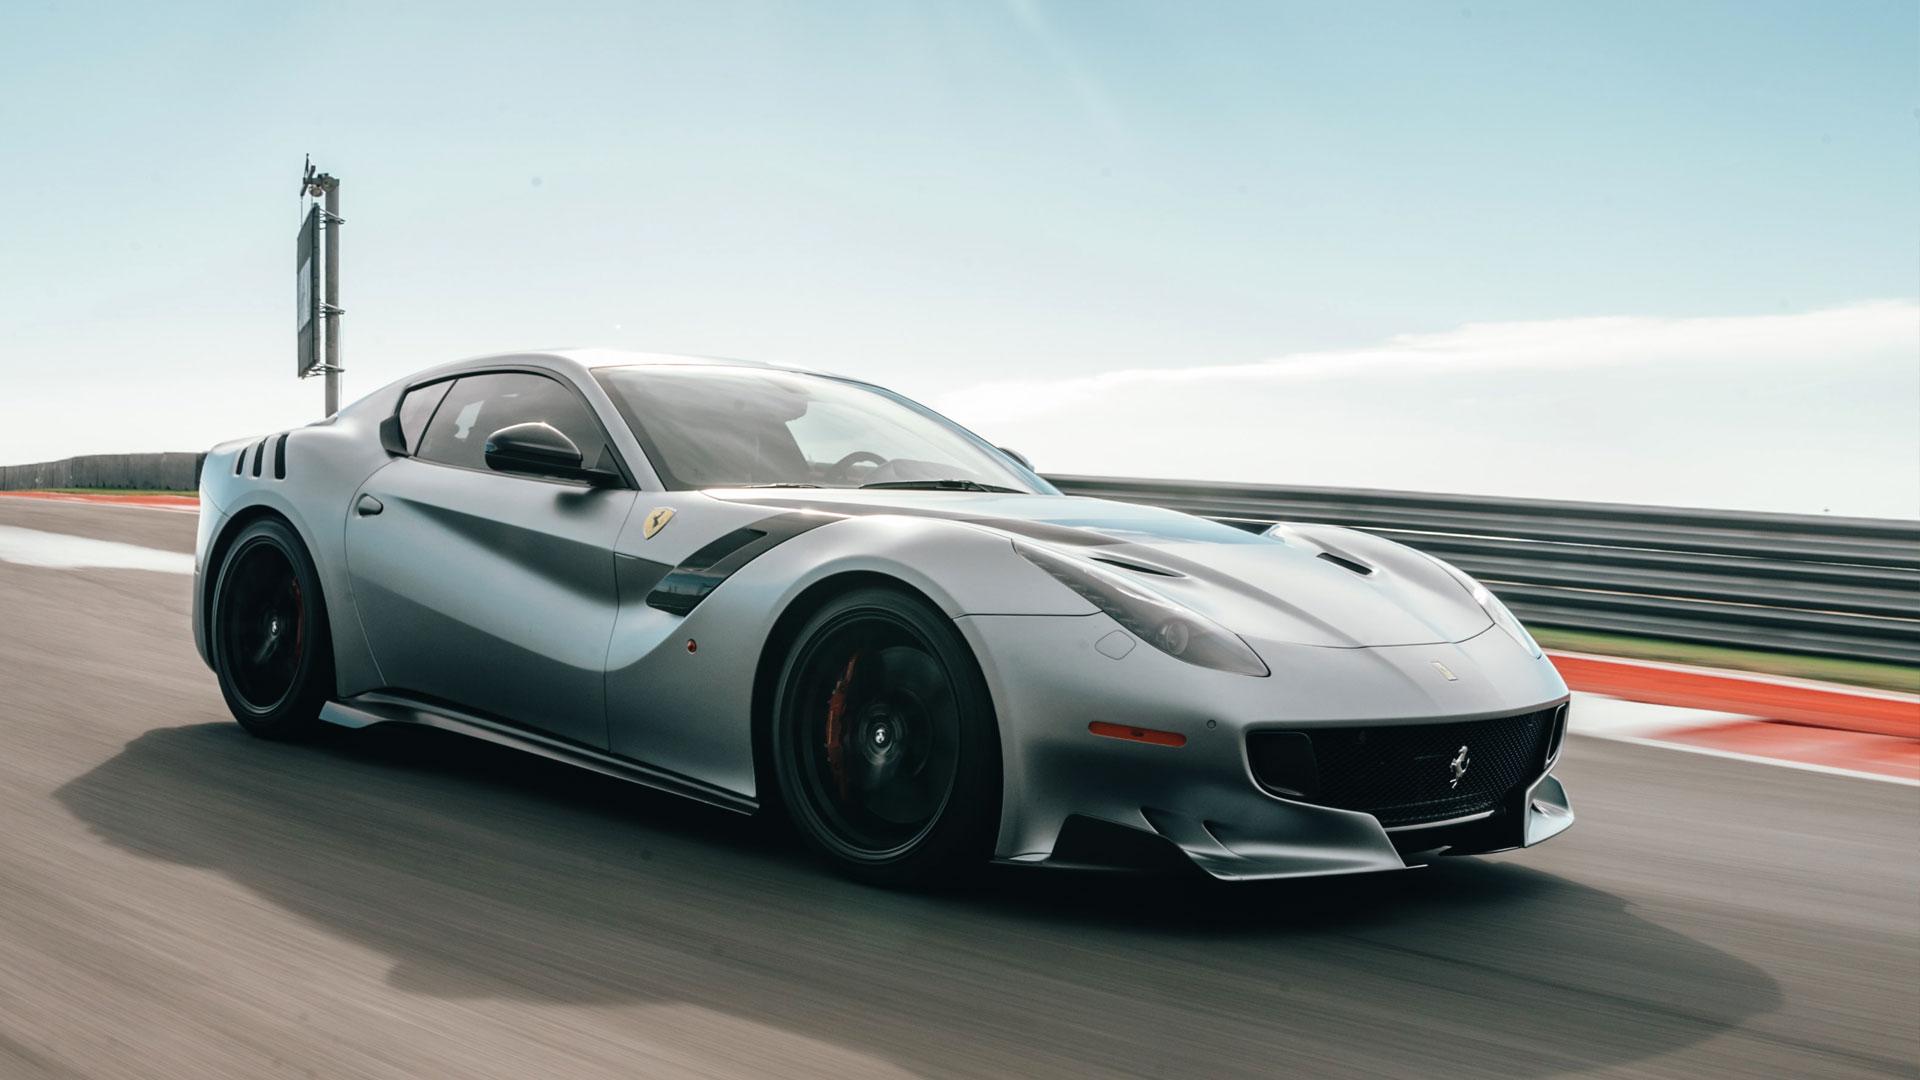 Silber Ferrari uf der Straße